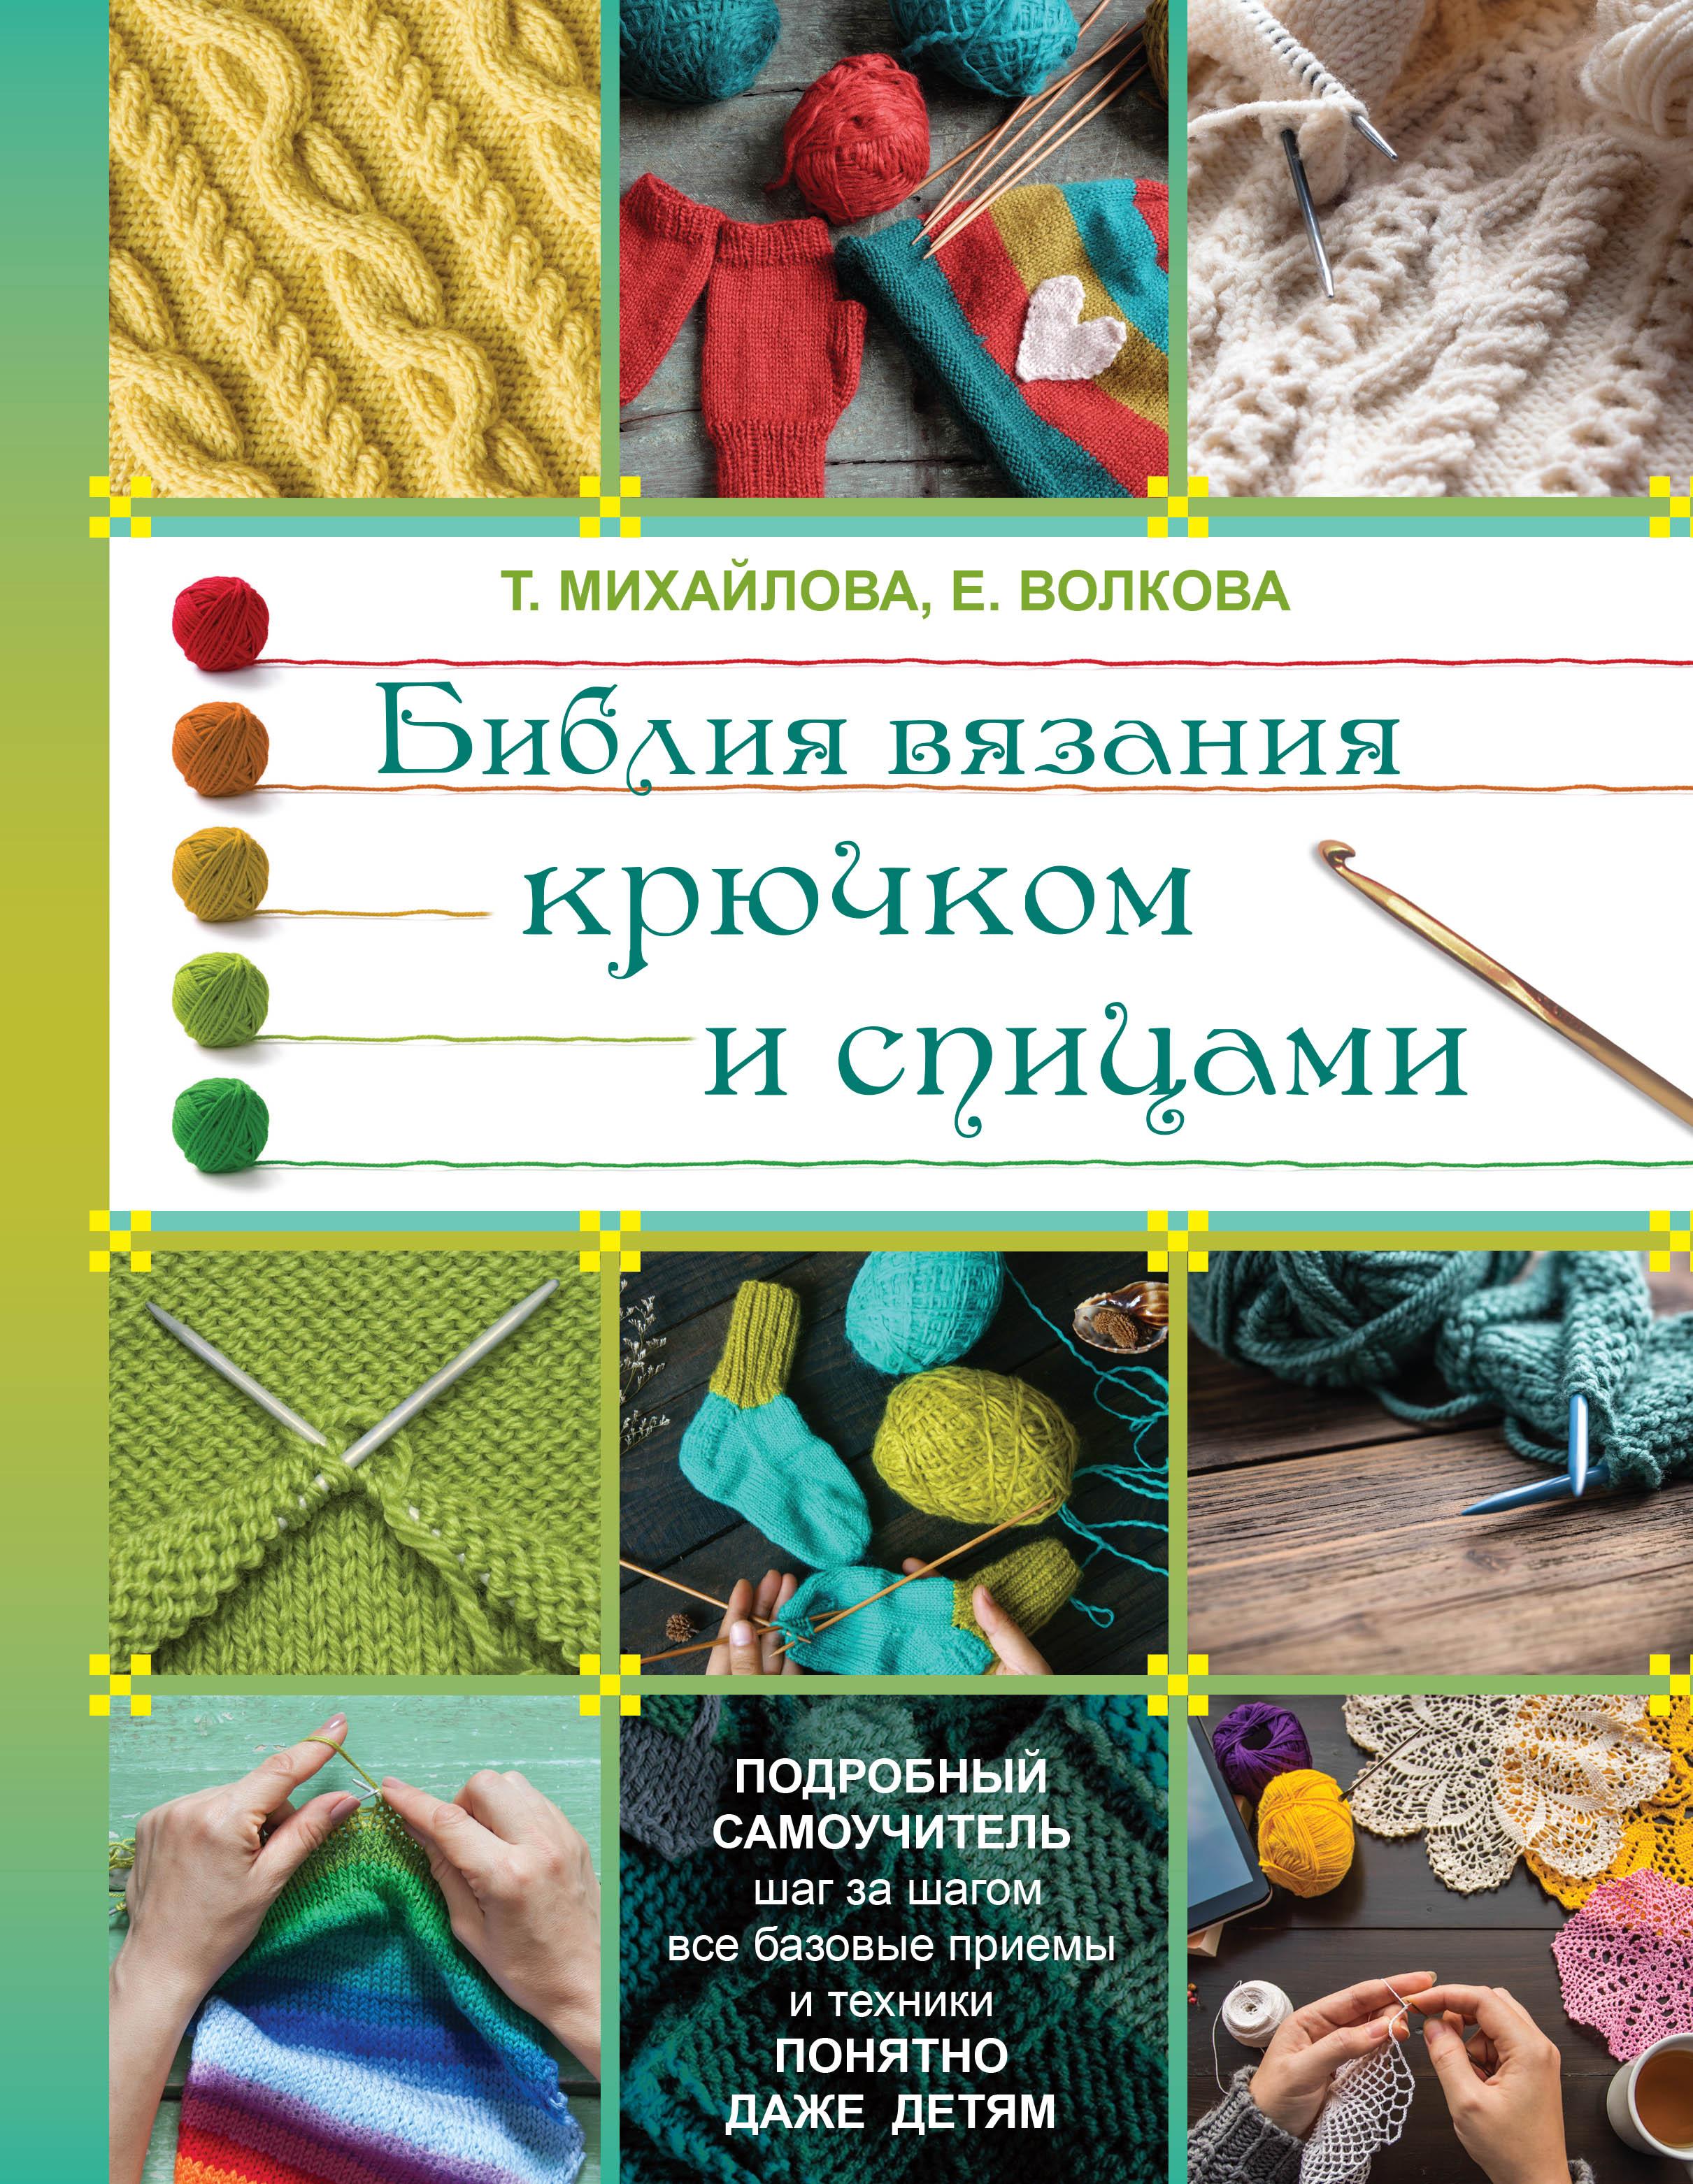 Михайлова Т.В. Библия вязания крючком и спицами михайлова т библия вязания крючком и спицами